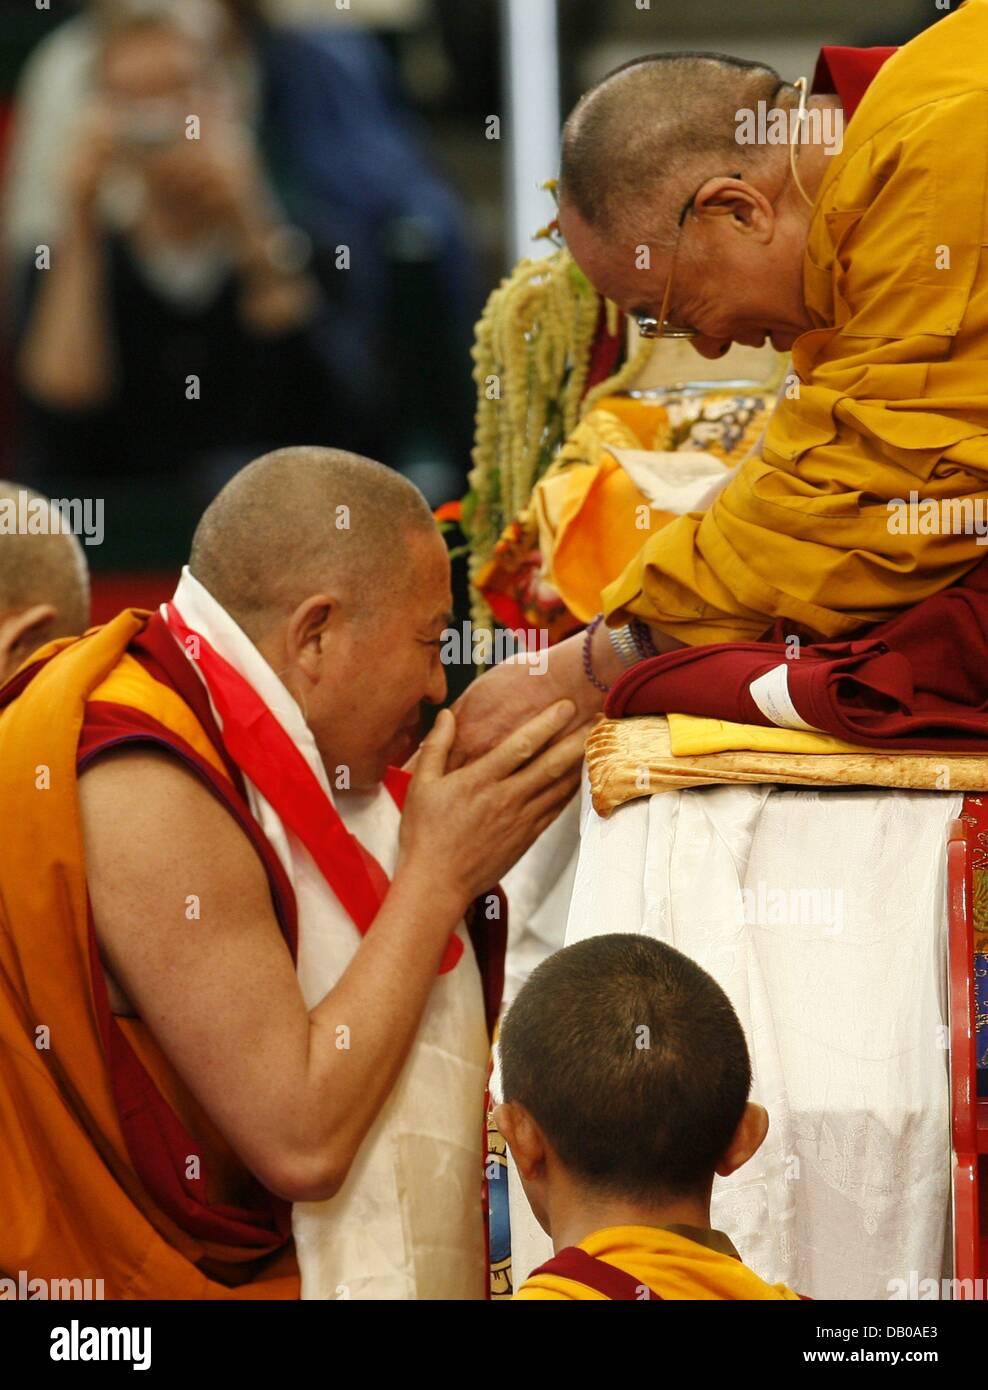 Un moine qui entre en contact avec le dalaï-Lama (R) sur son trône à Hambourg, Allemagne, 27 juillet Photo Stock